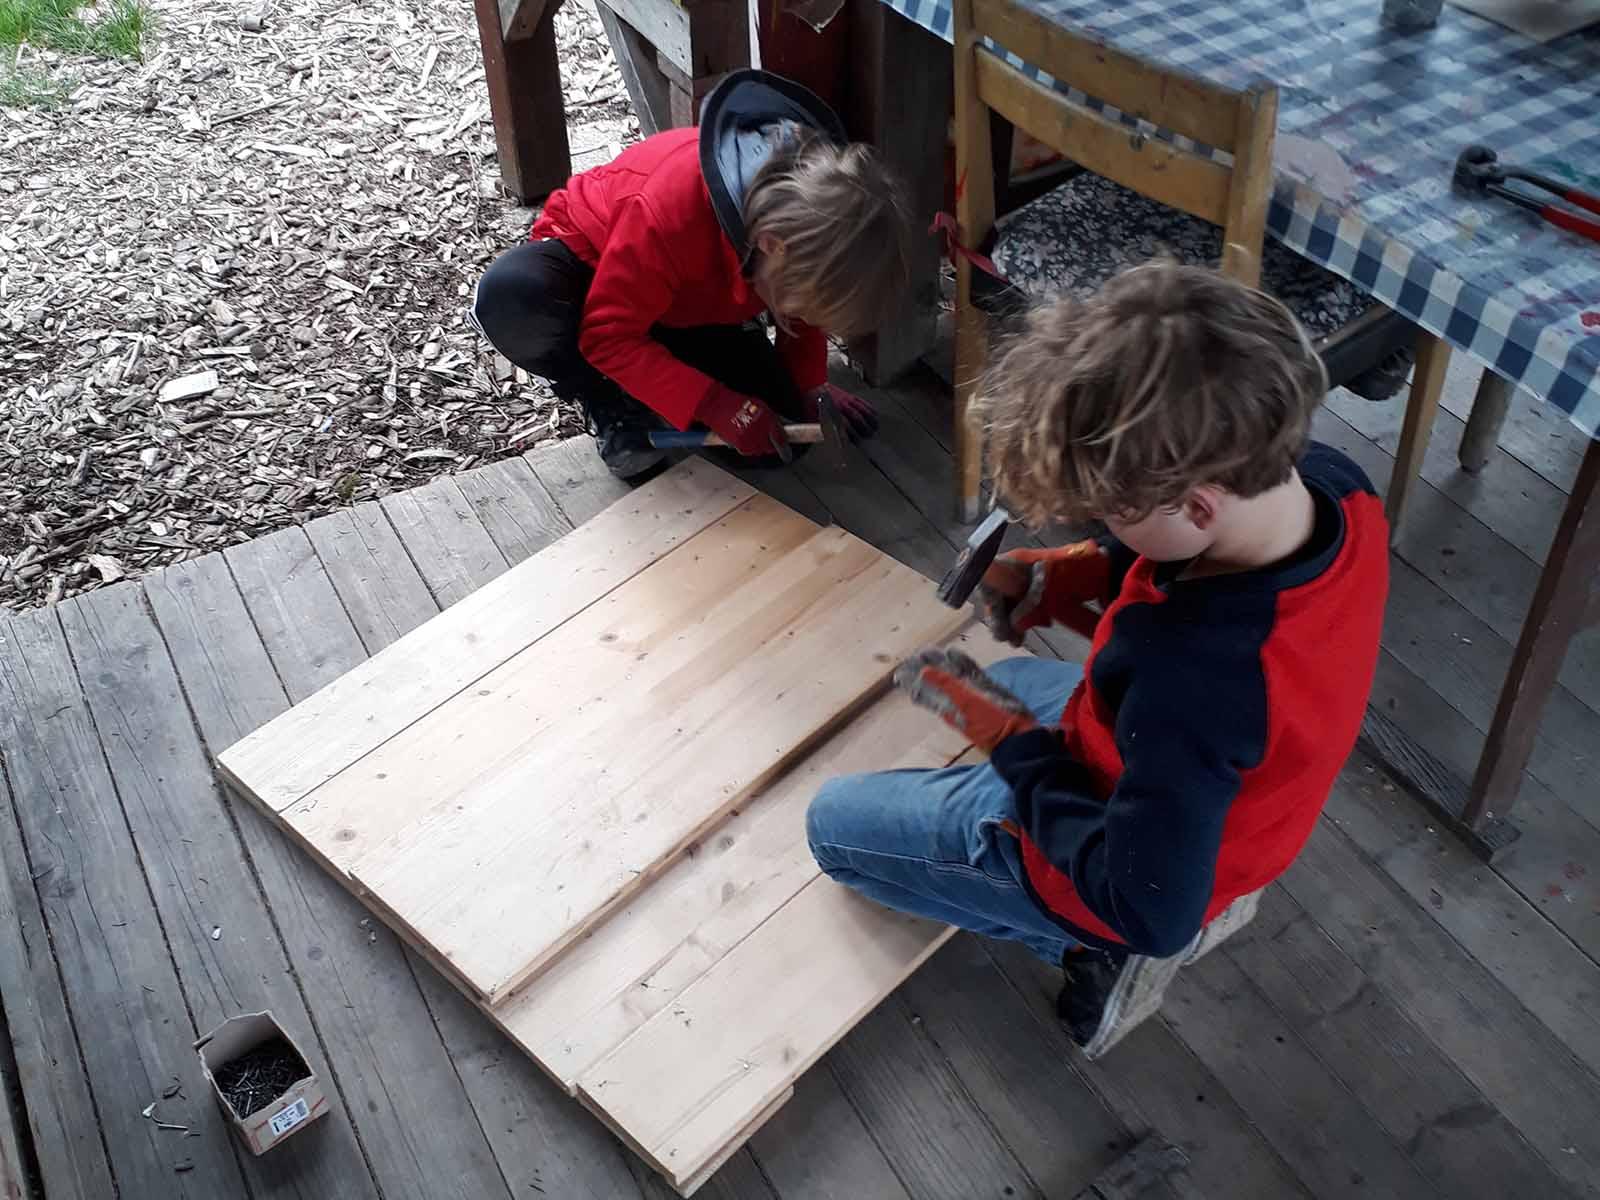 Gemeinsam wird gearbeitet, um die Hütte zu vervollständigen...